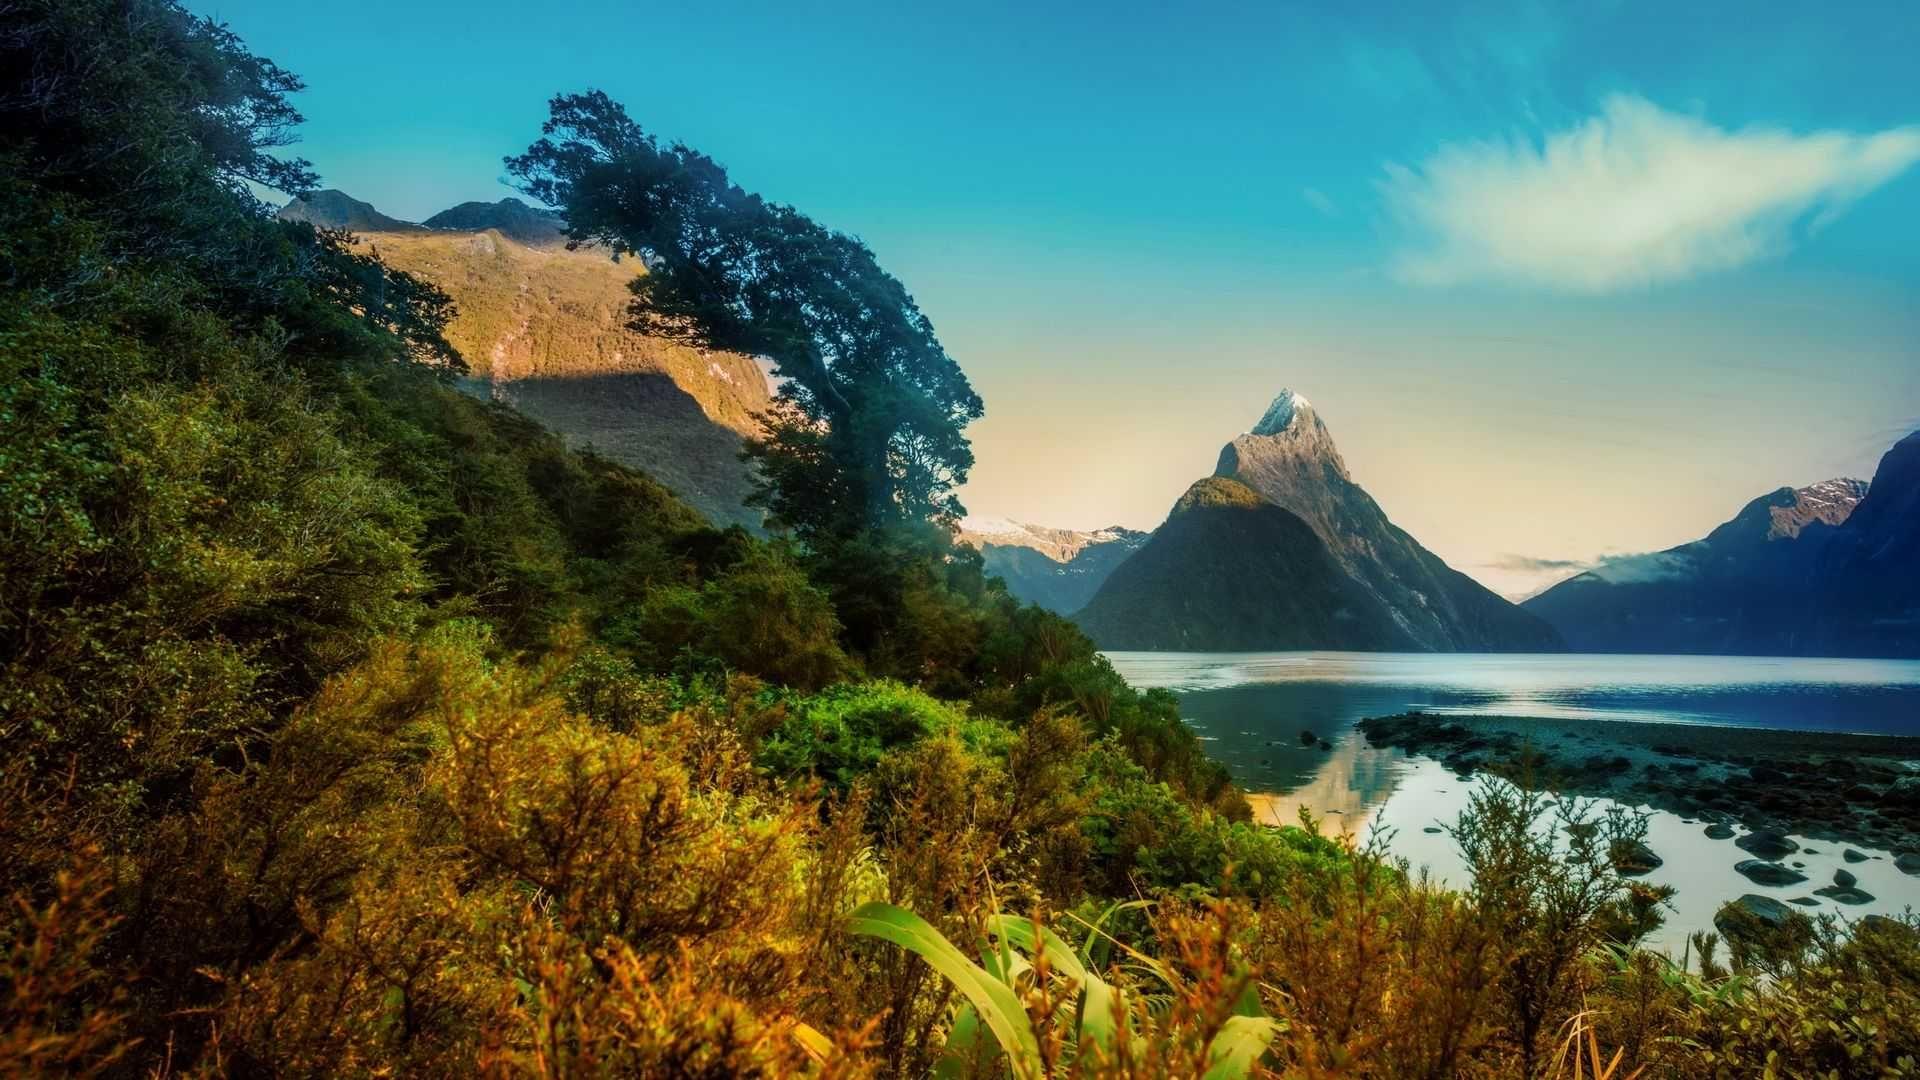 New Zealand free background